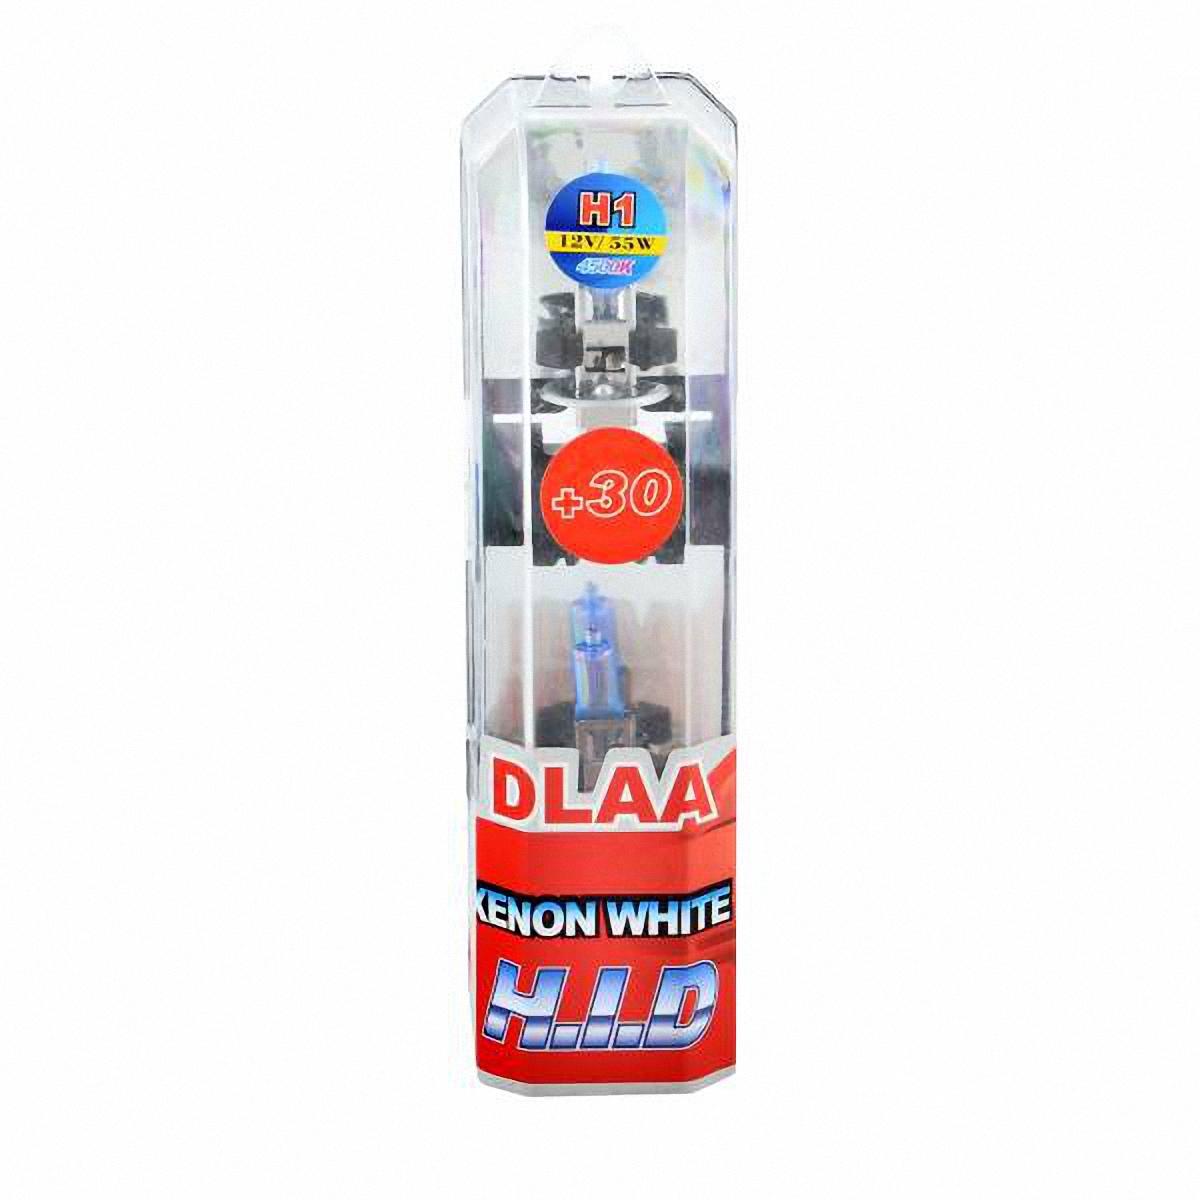 Skyway Автолампа H1 1-конт XENON WHITE+30. H1-12V55W-P B10503Галогеновыелампы XENONWHITE+30 4500Kпод ксенон представляют собой очень яркие лампы, имитирующие свет ксенона. Достигается это за счет специального напыления на газонаполненные лампы, а точнее на колбы, в которые под высоким давлением закачан газ. Данныегалогеновыелампы не создают неудобств водителям встречныхавтотранспортных средств, не превышают допустимую нагрузку на бортовую сеть автомобиля, безопасны и долговечны и отвечают всем без исключения стандартам качества.